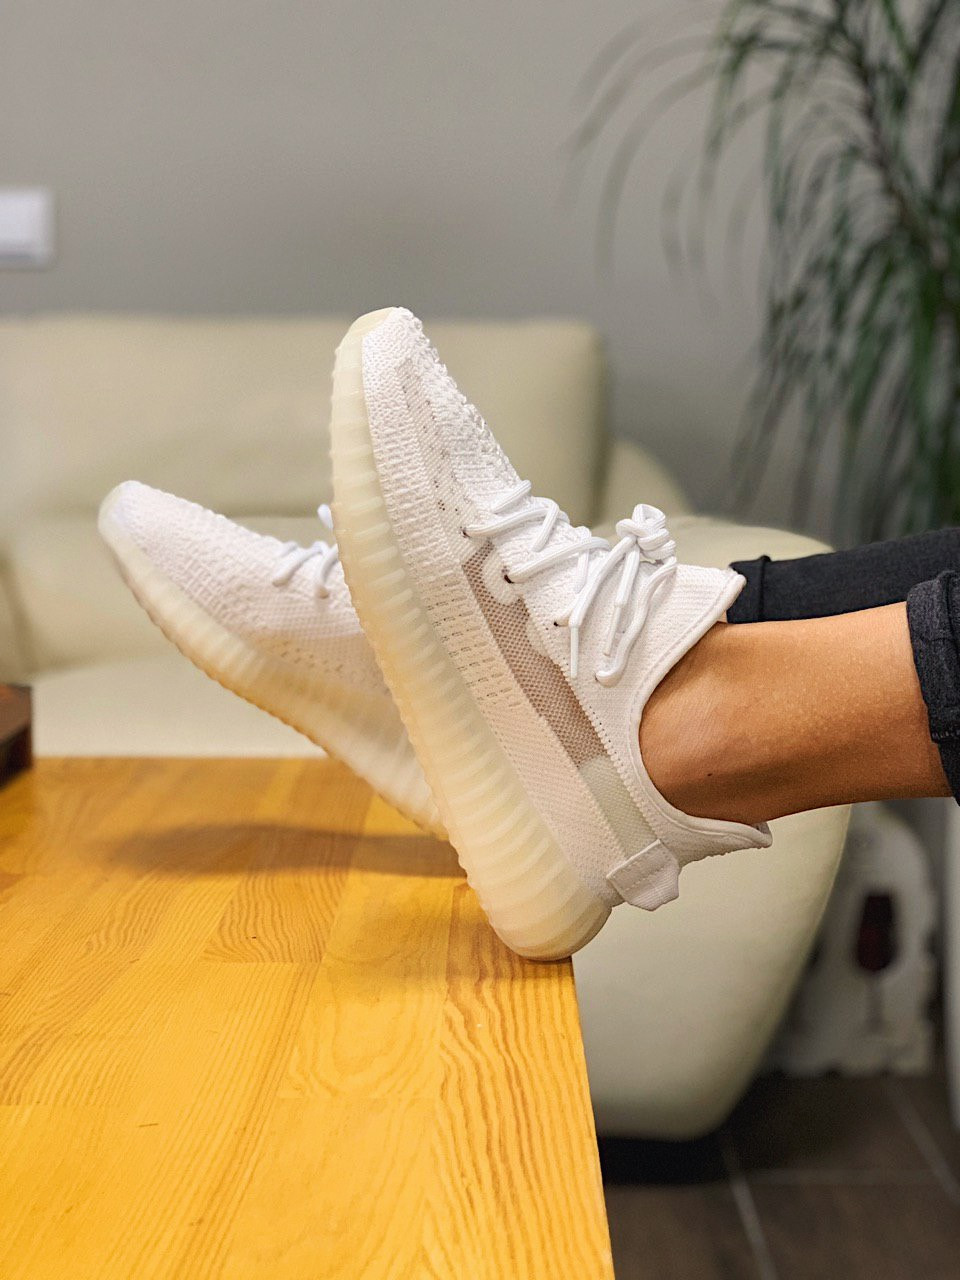 Кроссовки Adidas Yeezy Boost 350 V2 Адидас Изи Буст В2